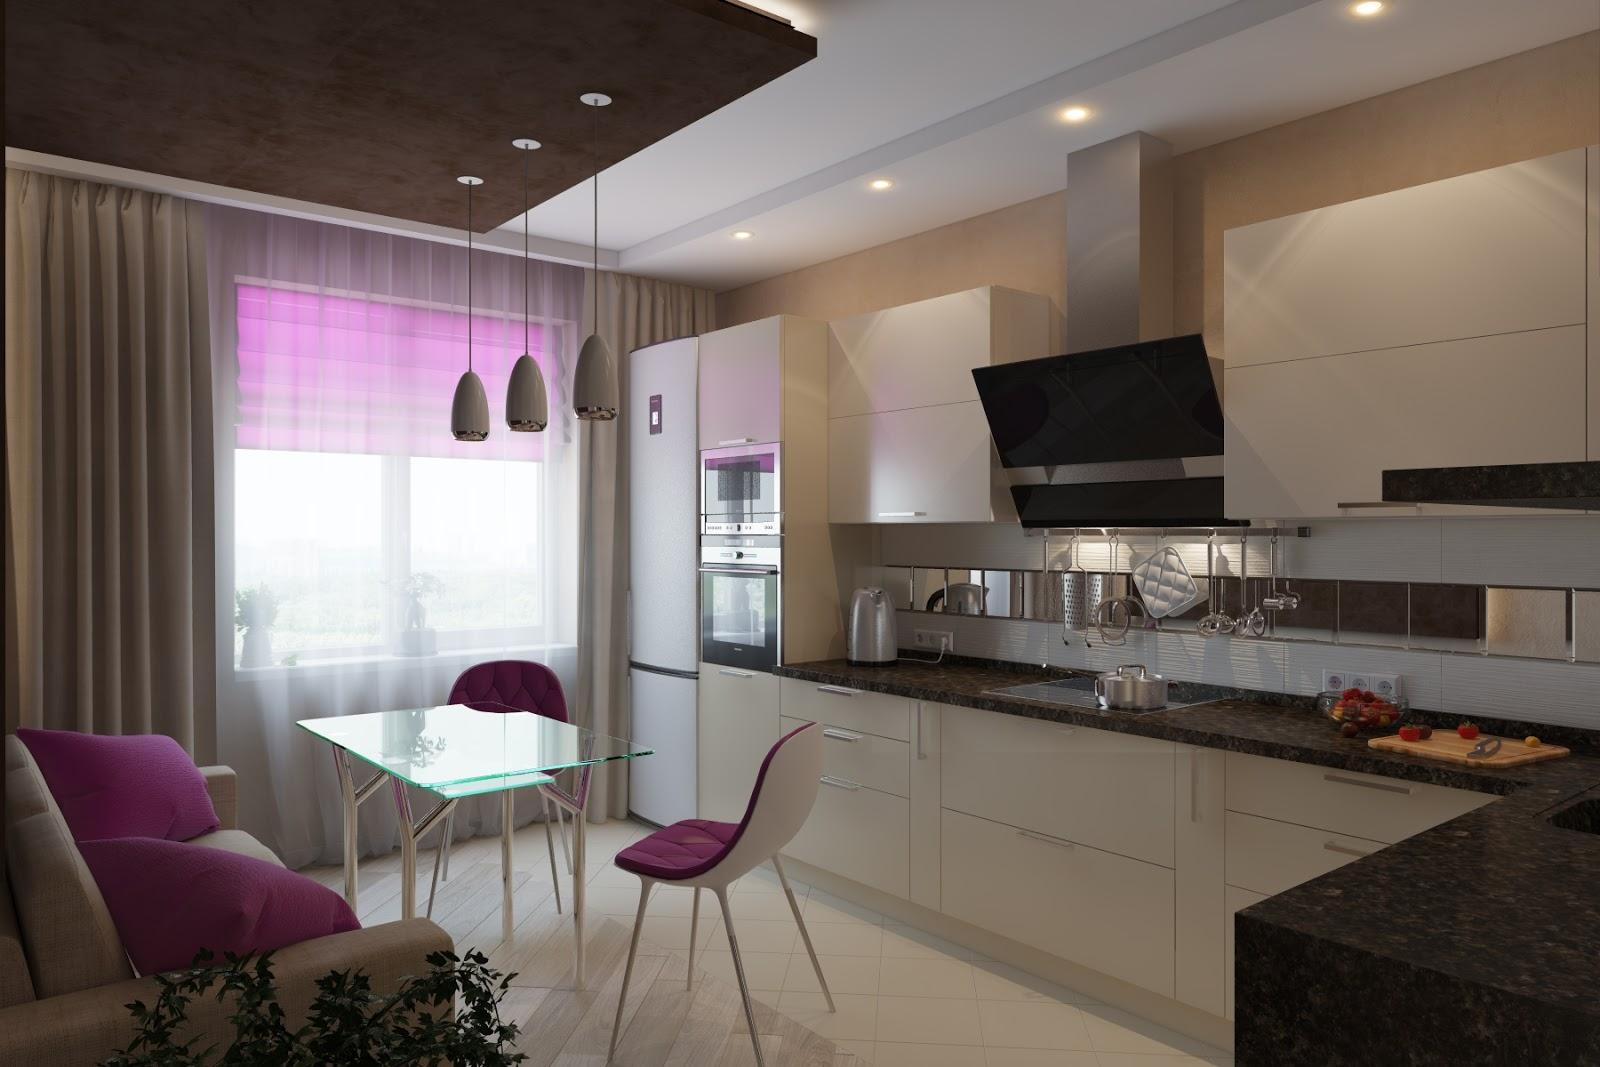 появлением новых дизайн кухни14 5 кв людей нашей стране